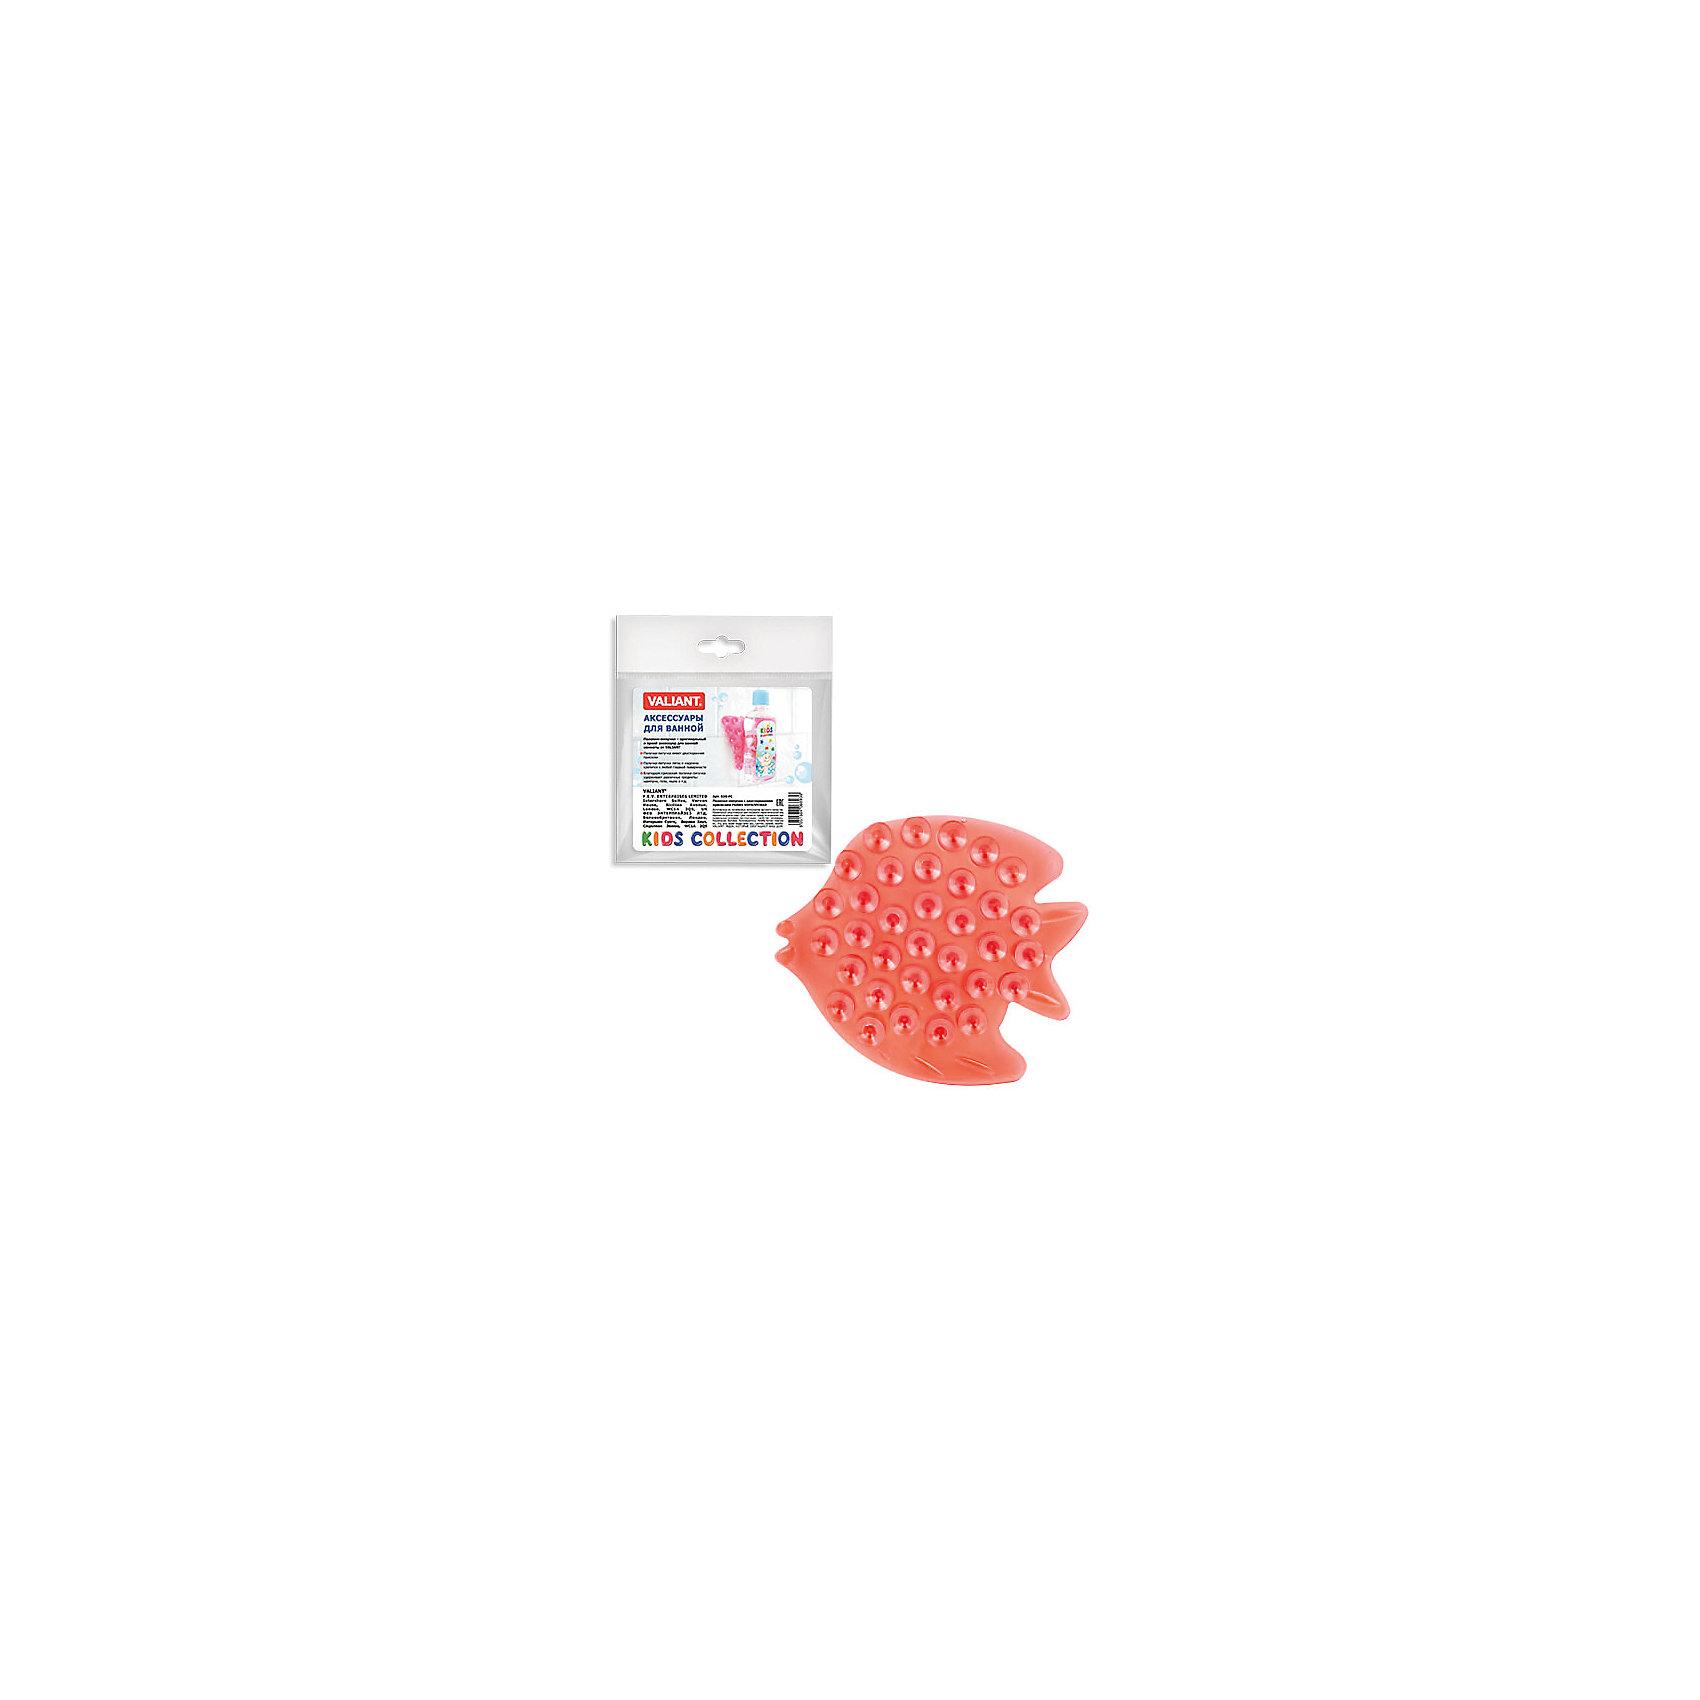 Полочка-липучка Коралловая рыбка с двусторонними присоскамиВанная комната<br>Полочка-липучка - это оригинальная игрушка для купания Вашего малыша, а так же функциональное решение по удобному креплению аксессуаров для ванной комнаты: шампуни, жидкое мыло и т.д.<br><br>Дополнительная информация: <br><br>- размер: 11* 9.5 см.<br>- материал: полимеры<br><br>Полочка-липучка  Коралловая рыбка с двусторонними присосками с двусторонними присосками можно купить в нашем интернет-магазине.<br><br>Ширина мм: 135<br>Глубина мм: 8<br>Высота мм: 160<br>Вес г: 25<br>Возраст от месяцев: -2147483648<br>Возраст до месяцев: 2147483647<br>Пол: Унисекс<br>Возраст: Детский<br>SKU: 4563406